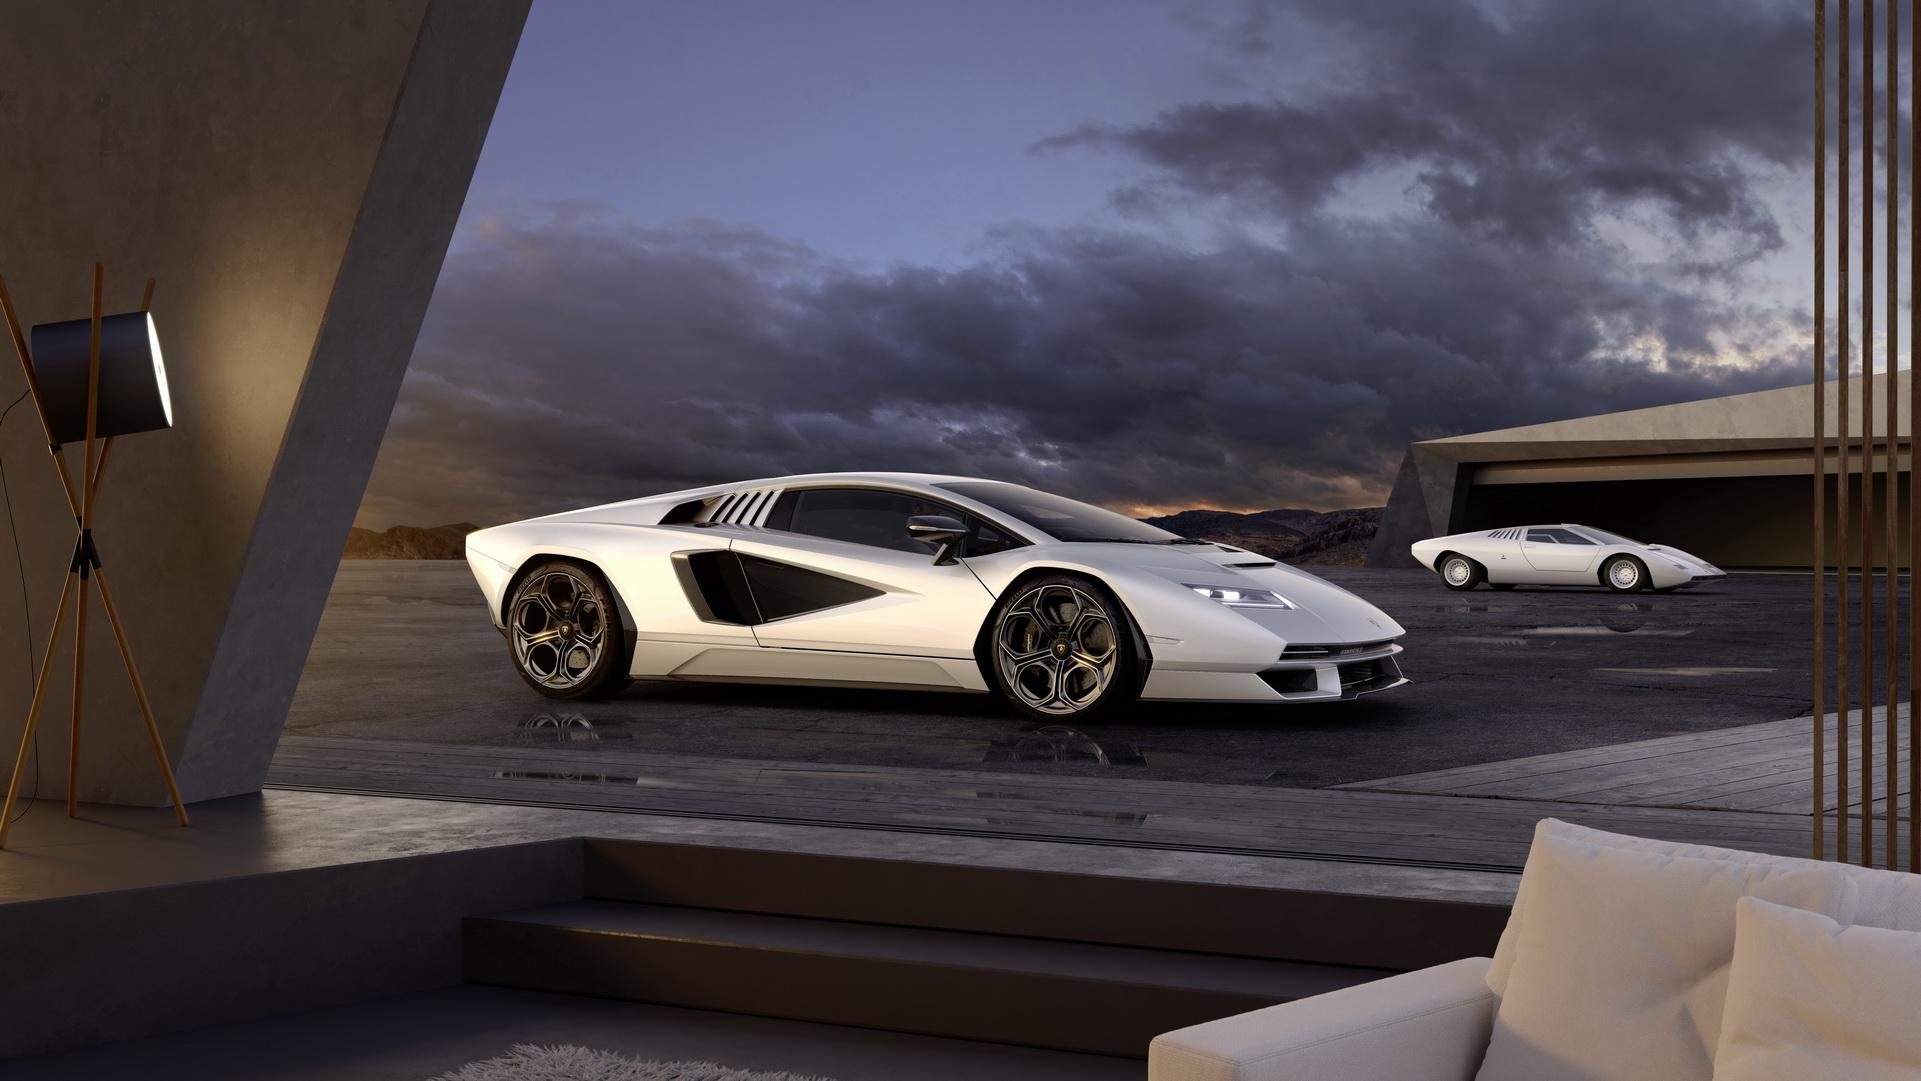 Lamborghini Countach LPI 800-4, Sian bazlı 21. yüzyıl süper otomobili olarak geri dönüyor.